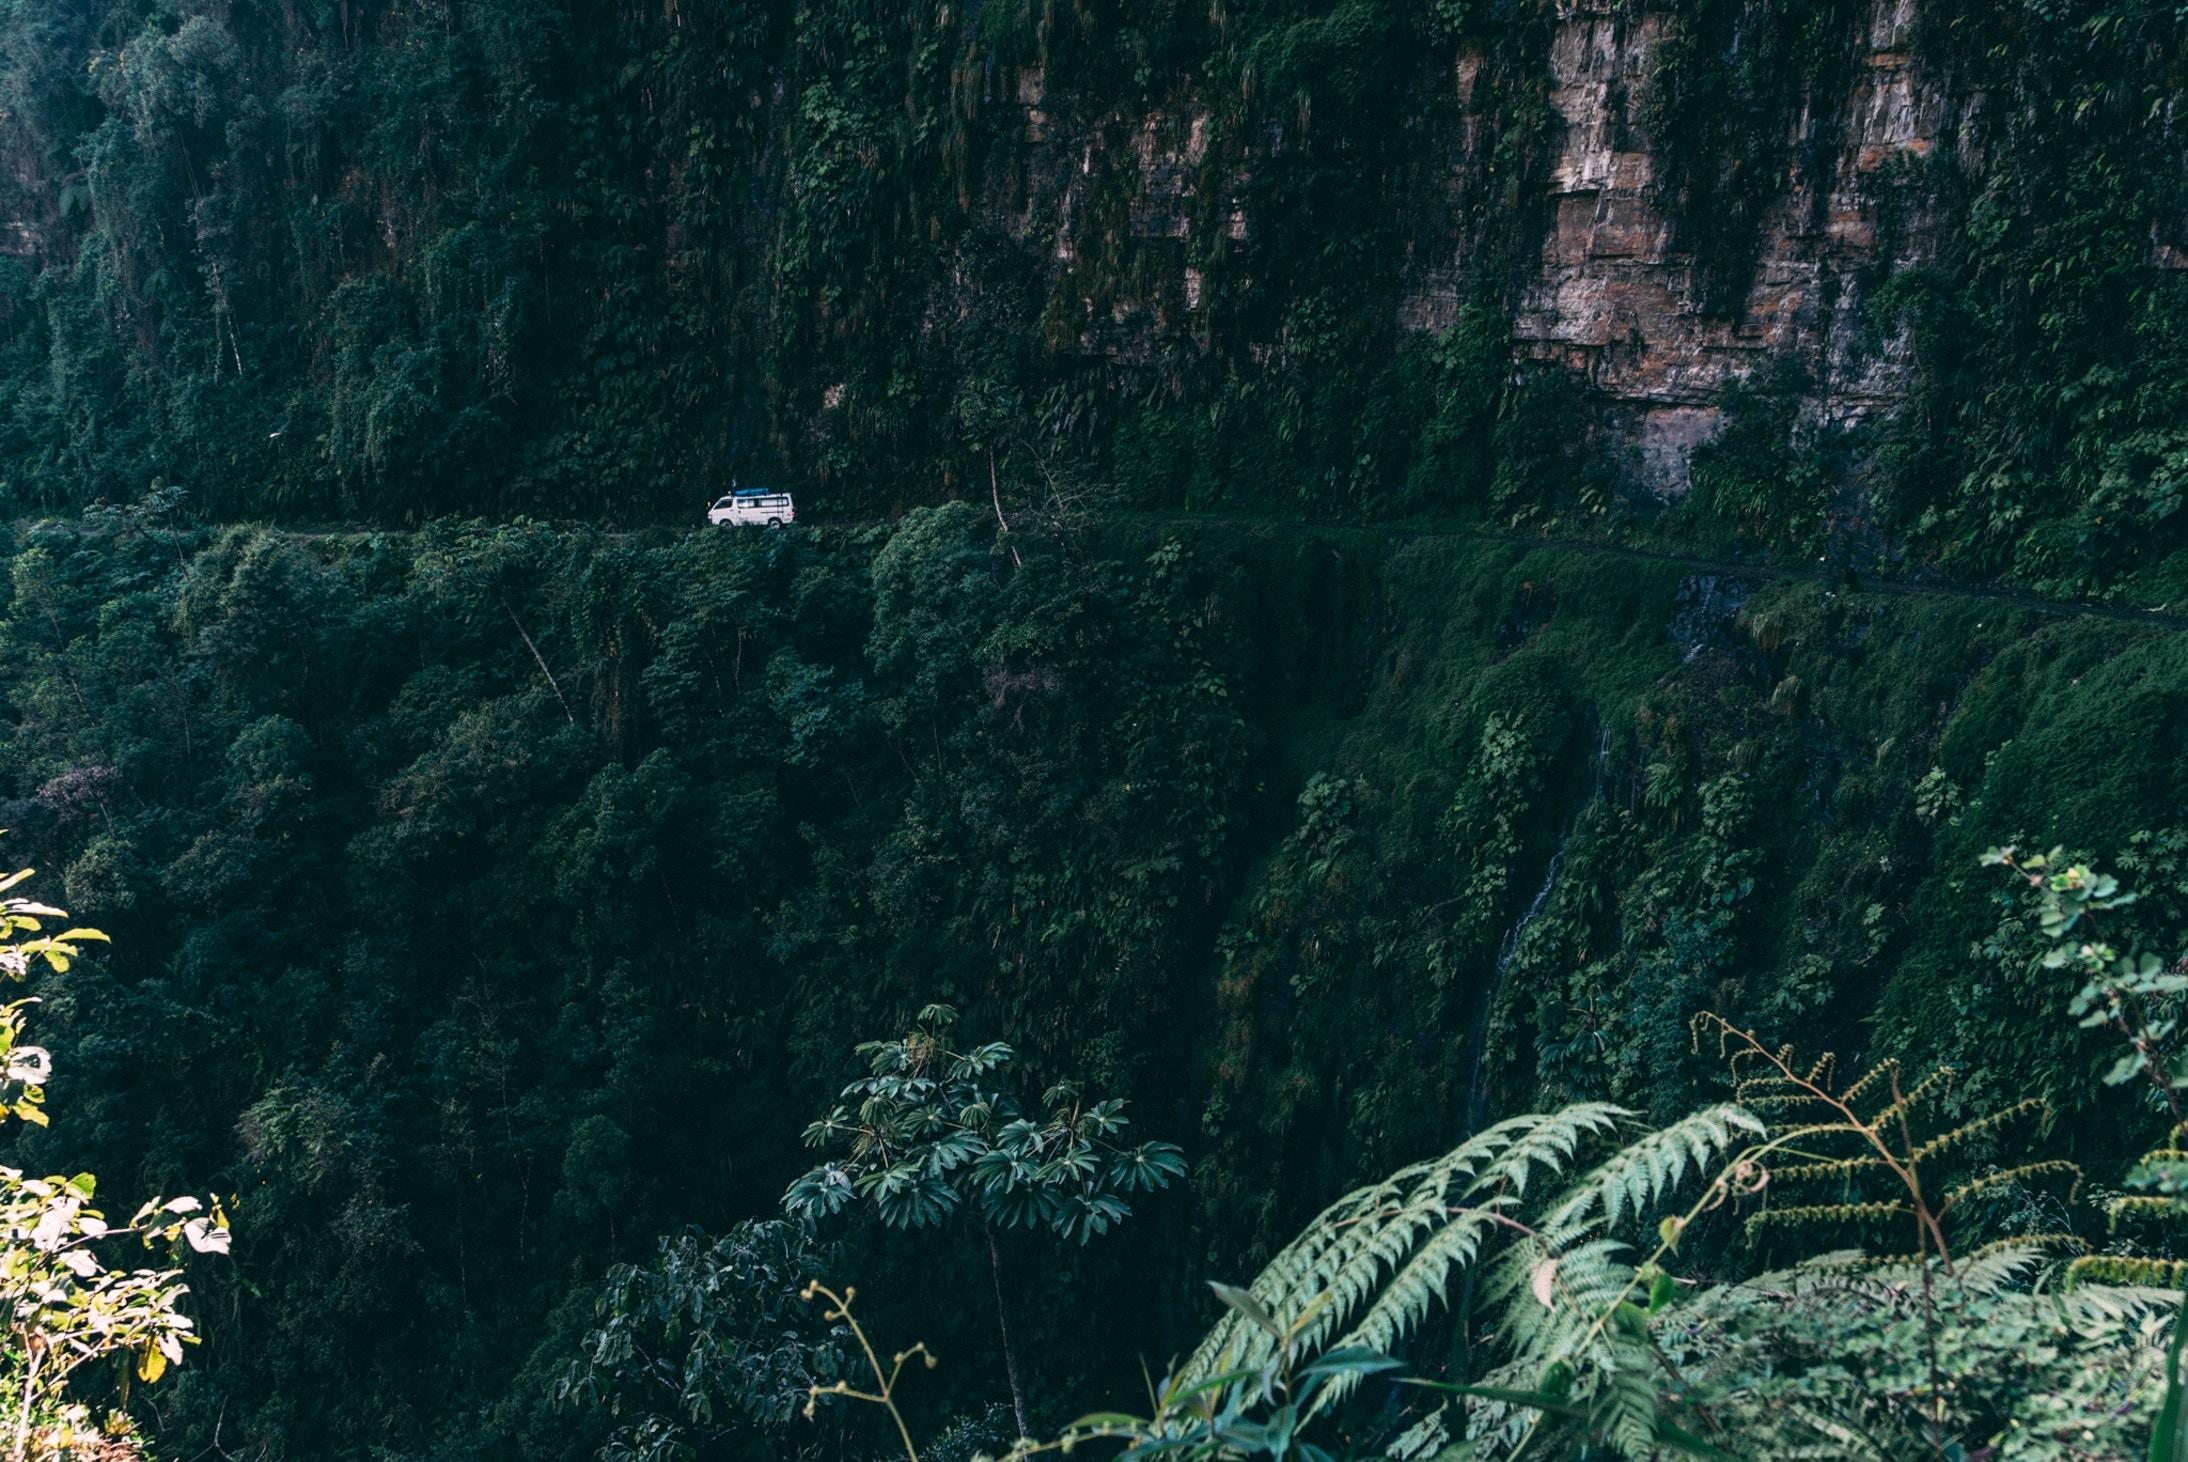 Gefährliche Touristenorte - Die gefährlichste Straße der Welt